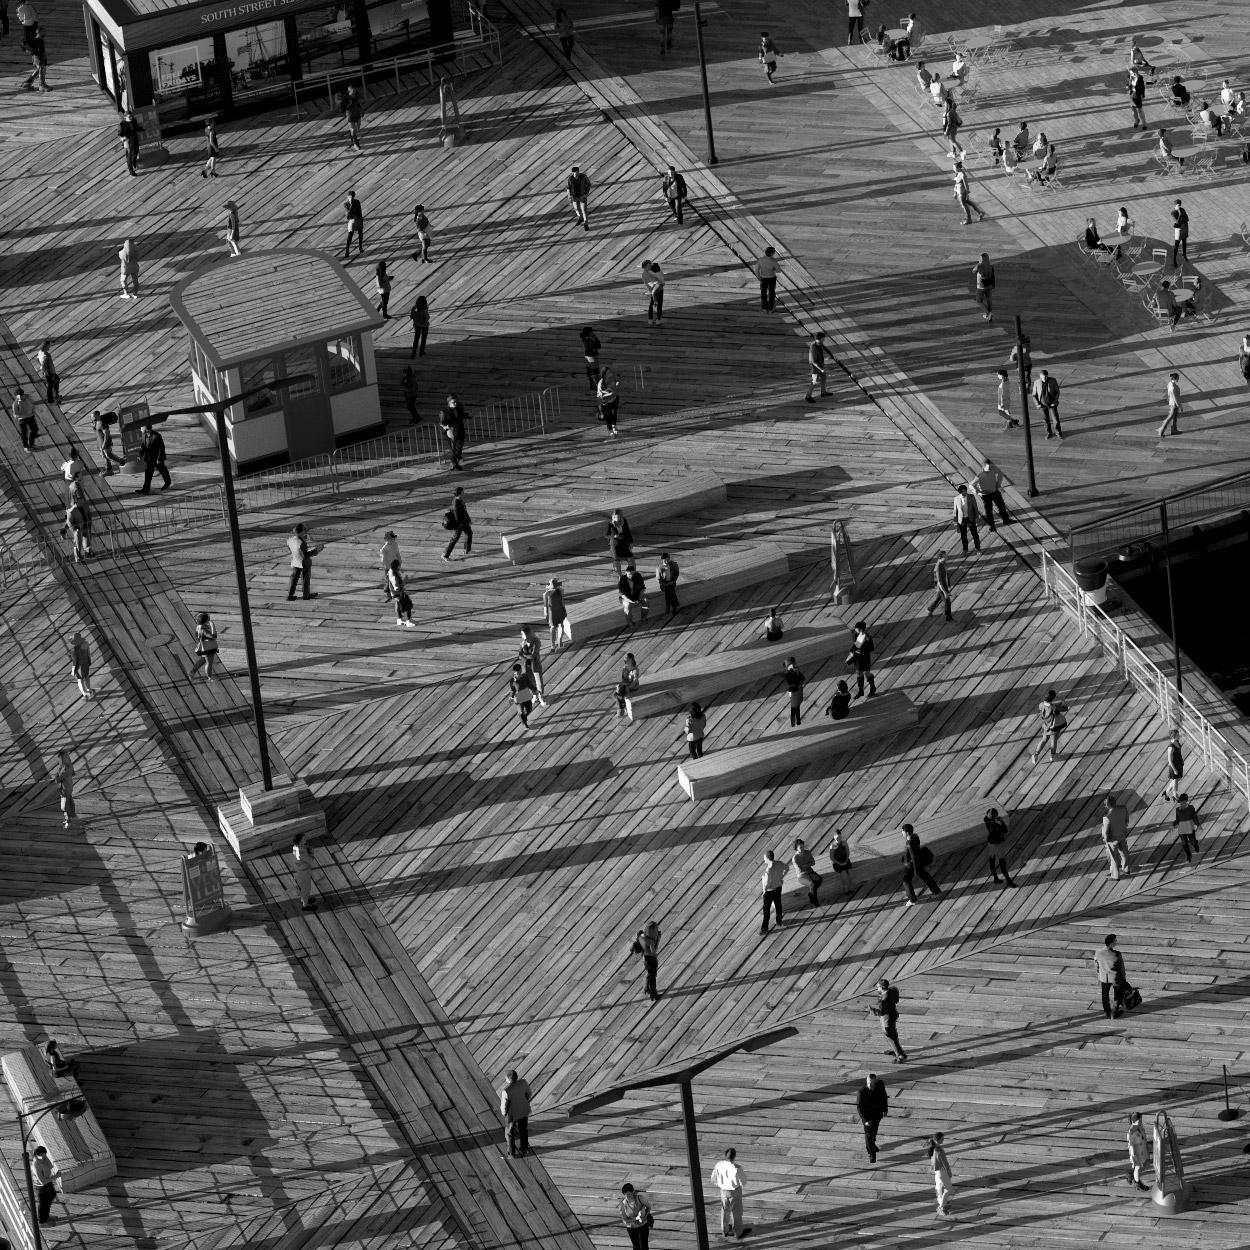 Pier 17 - Aerial